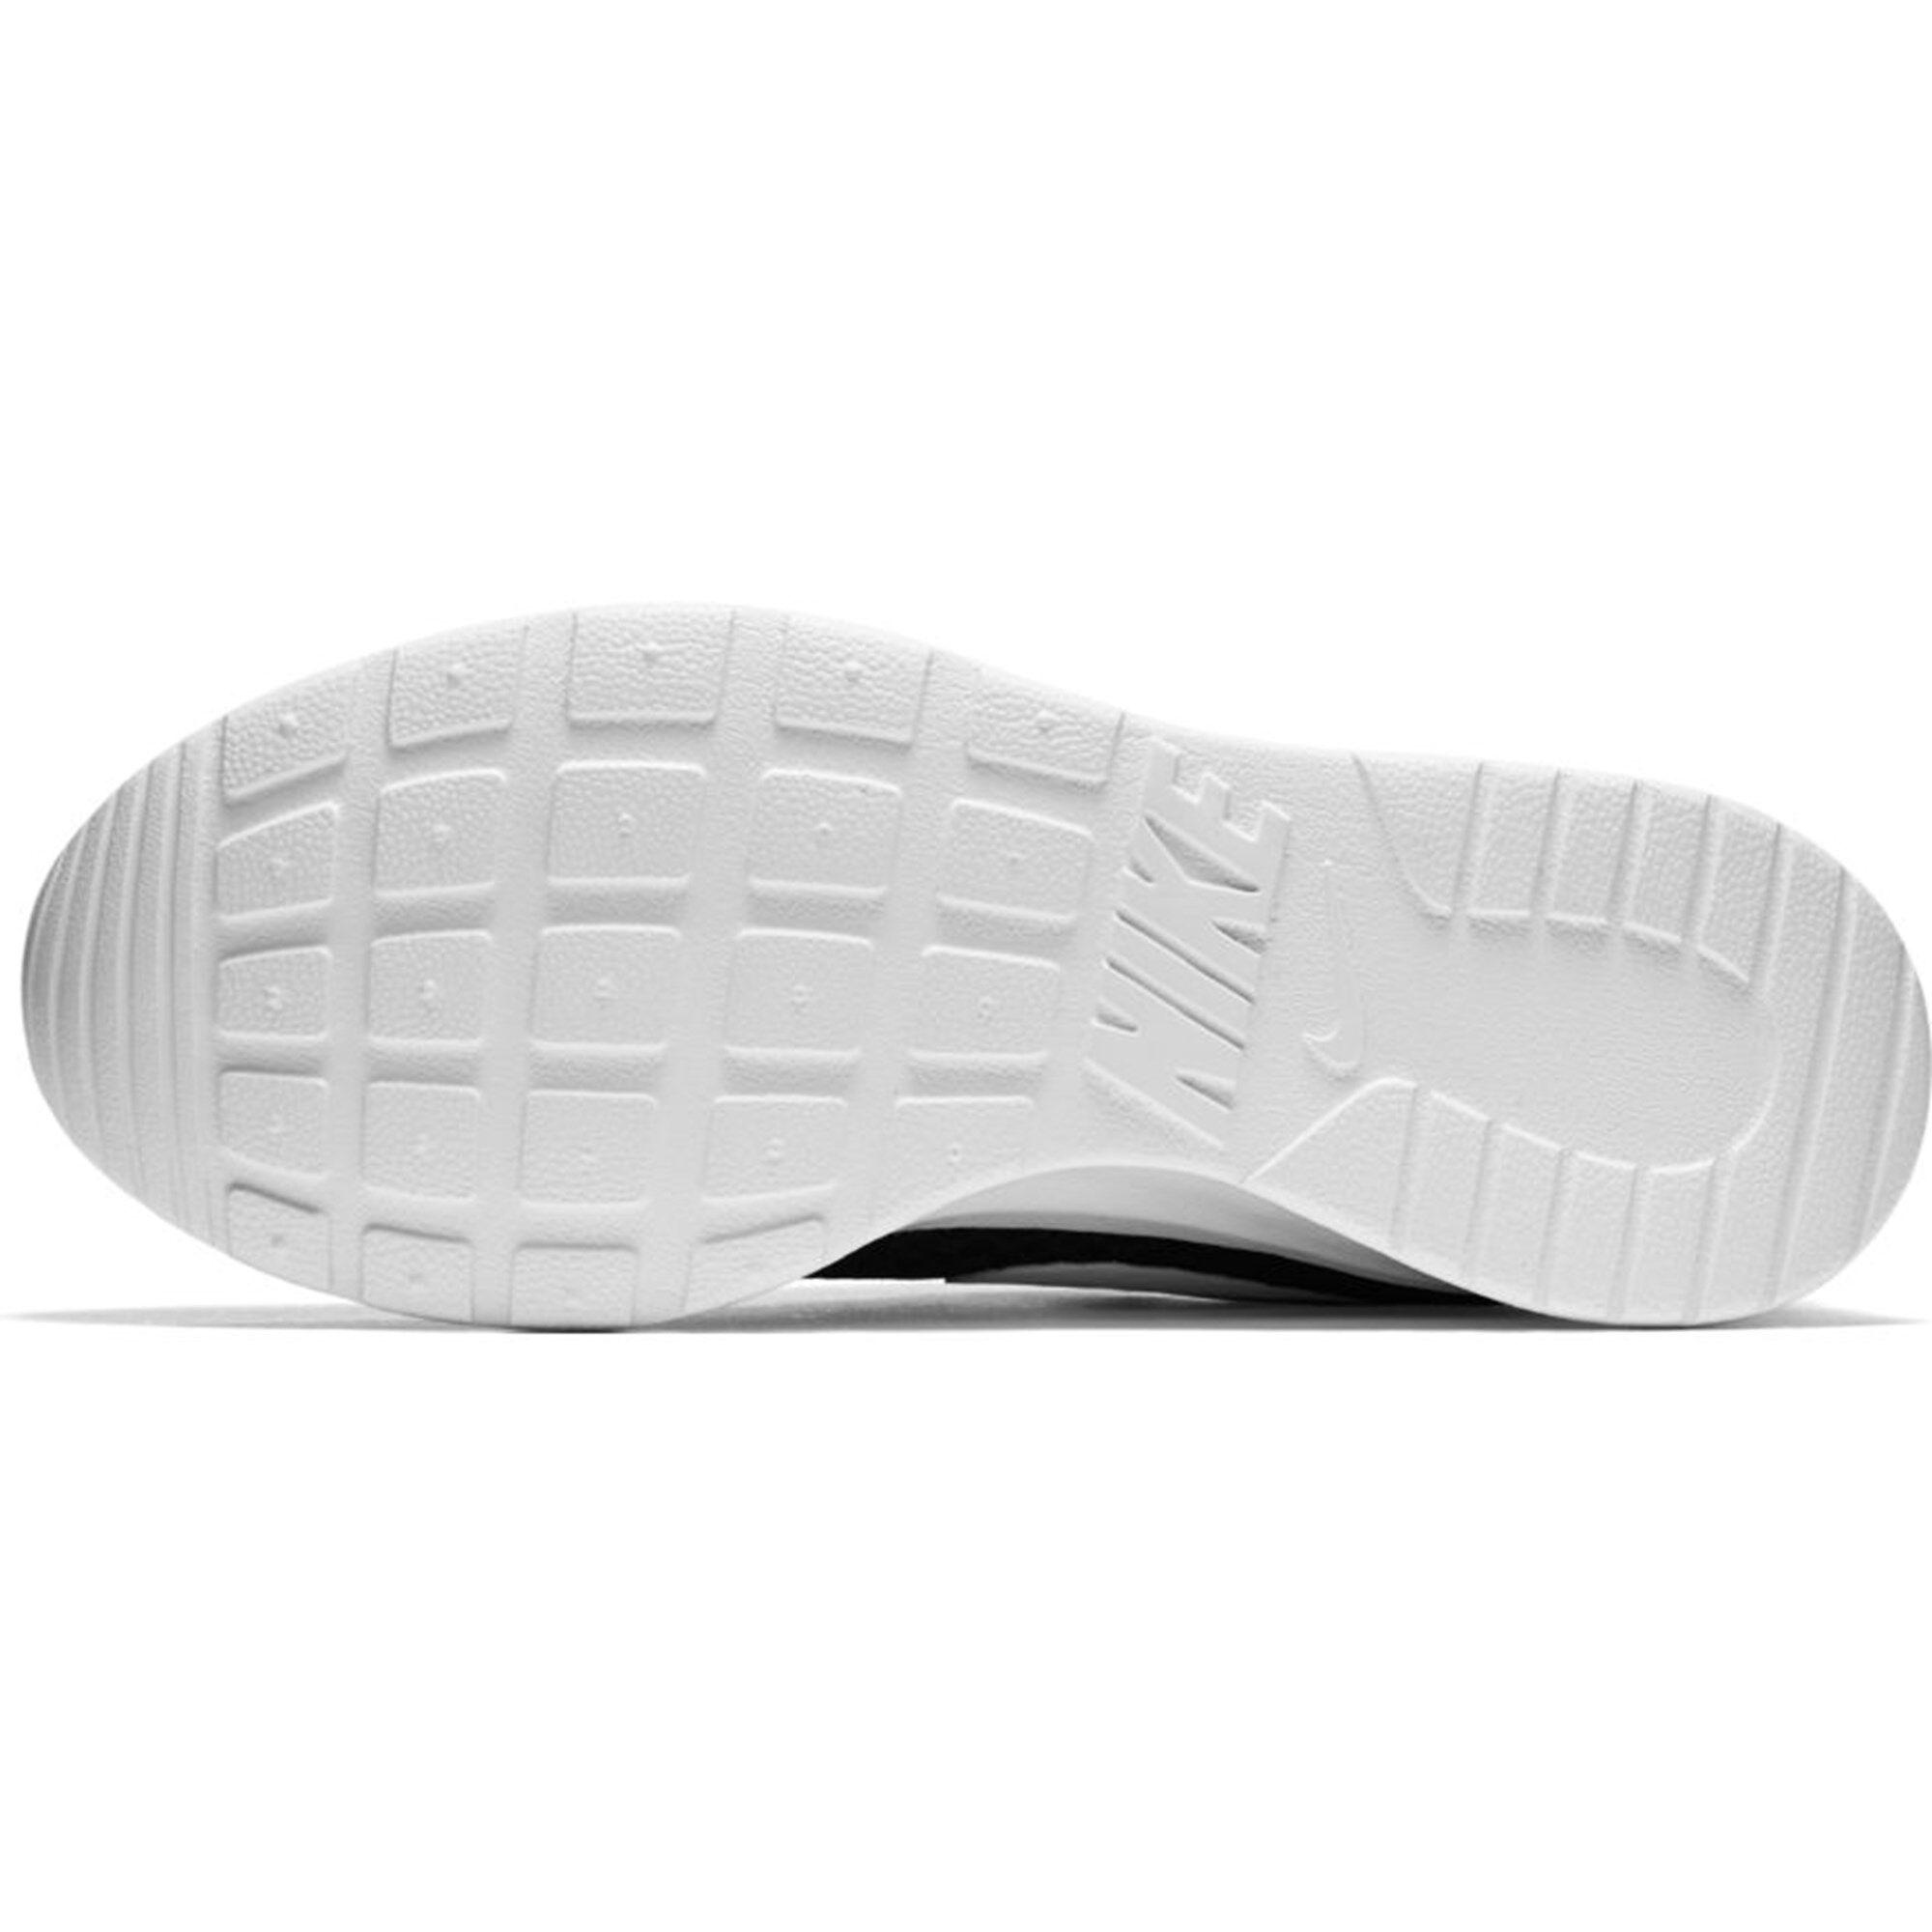 Design Dine Egne Sorte Nike Sneakers Cool Sneakers